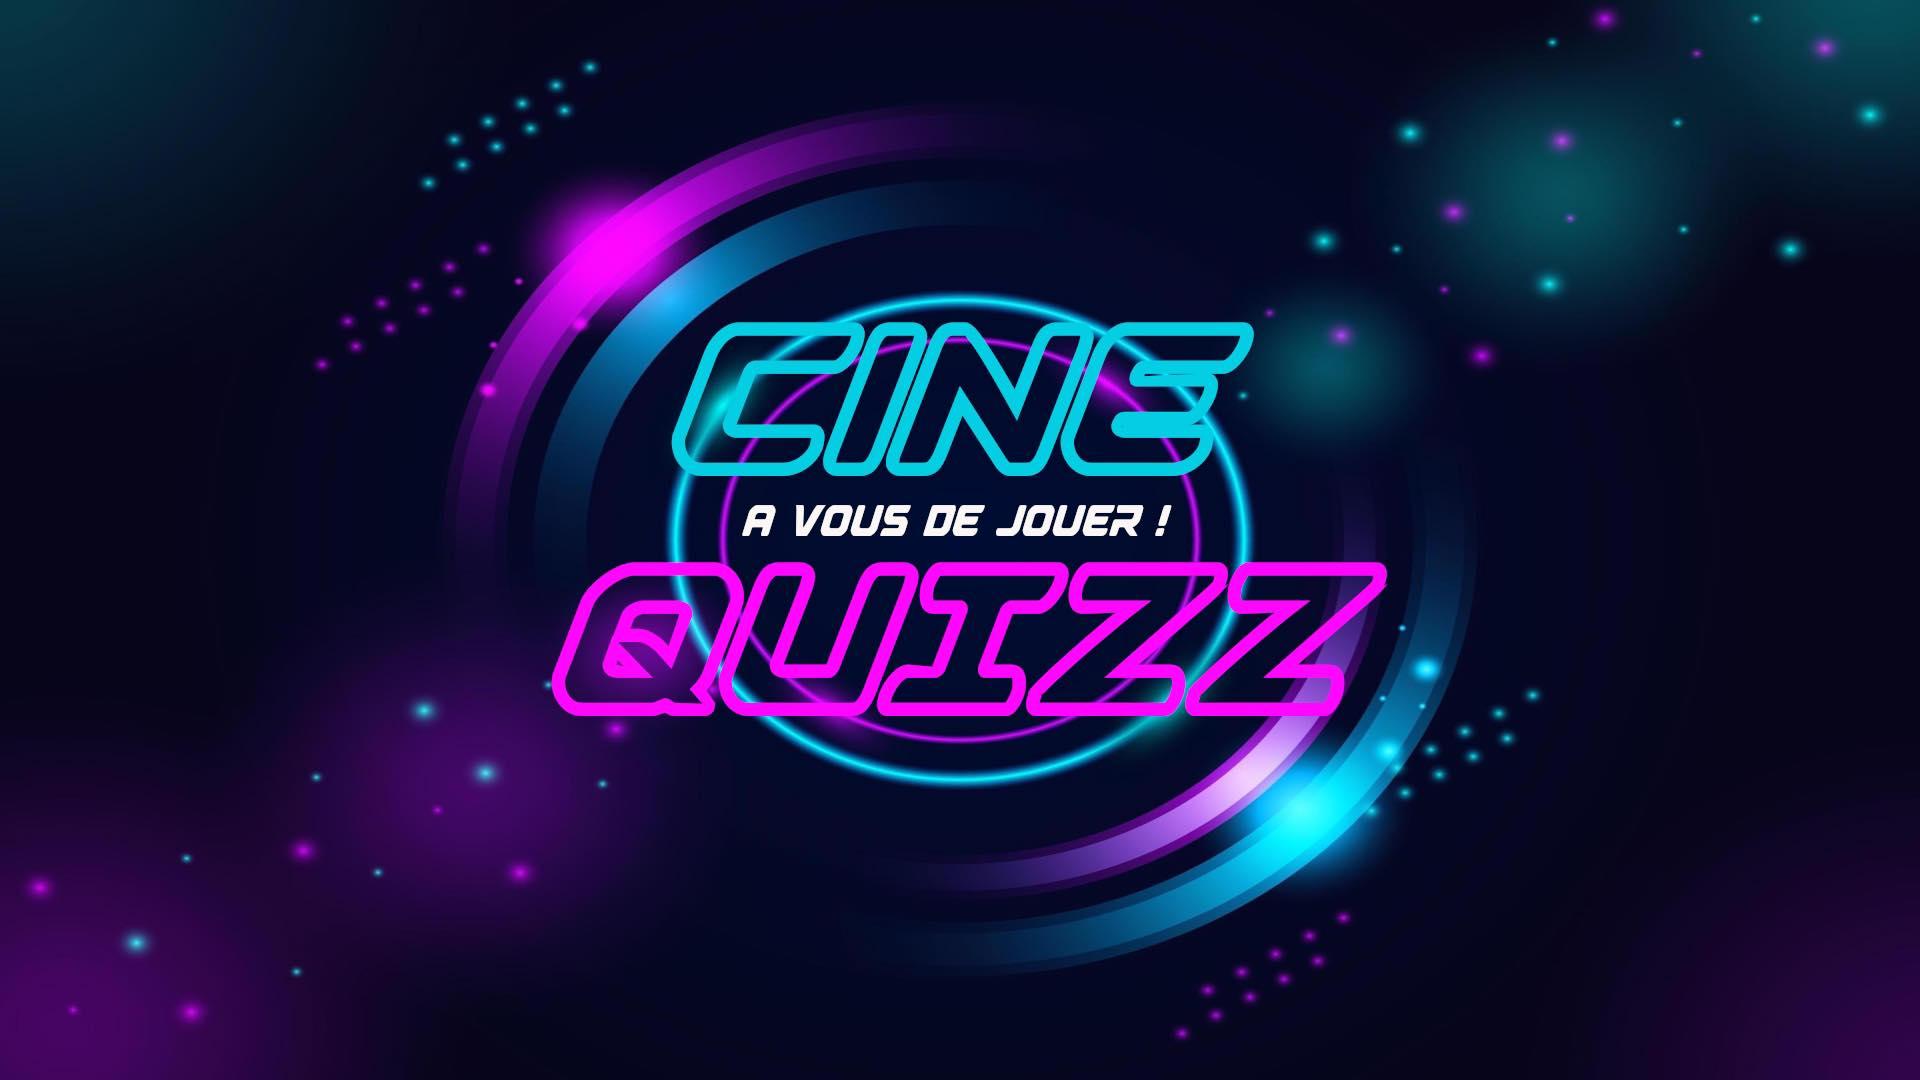 CINE QUIZZ - Le lagon bleu animations.jpg